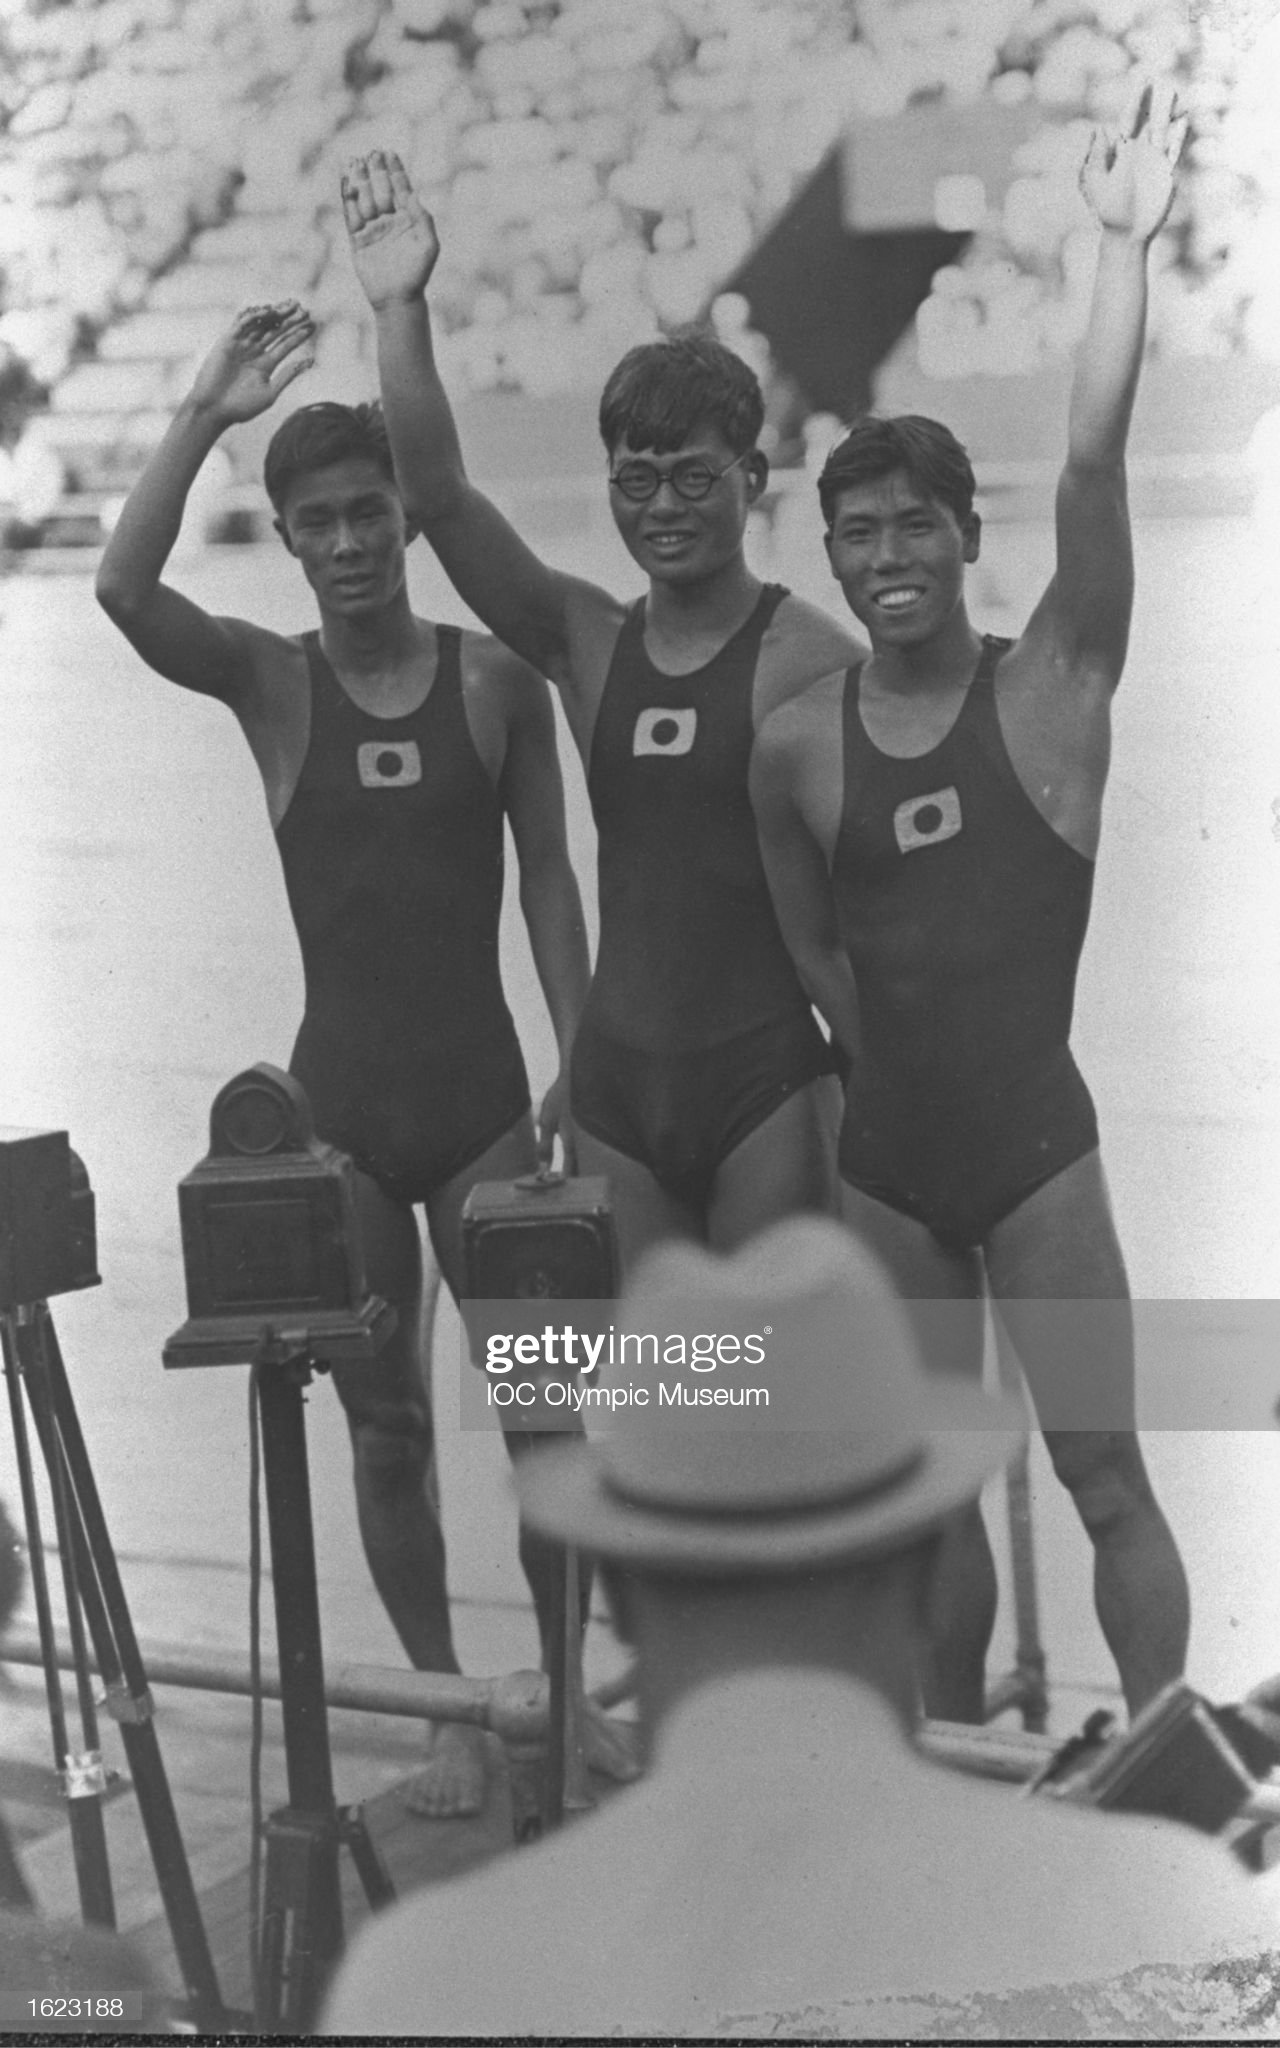 Masaji Kiyokawa, Toshio Irie and Kentaro Kawatsu : Fotografía de noticias